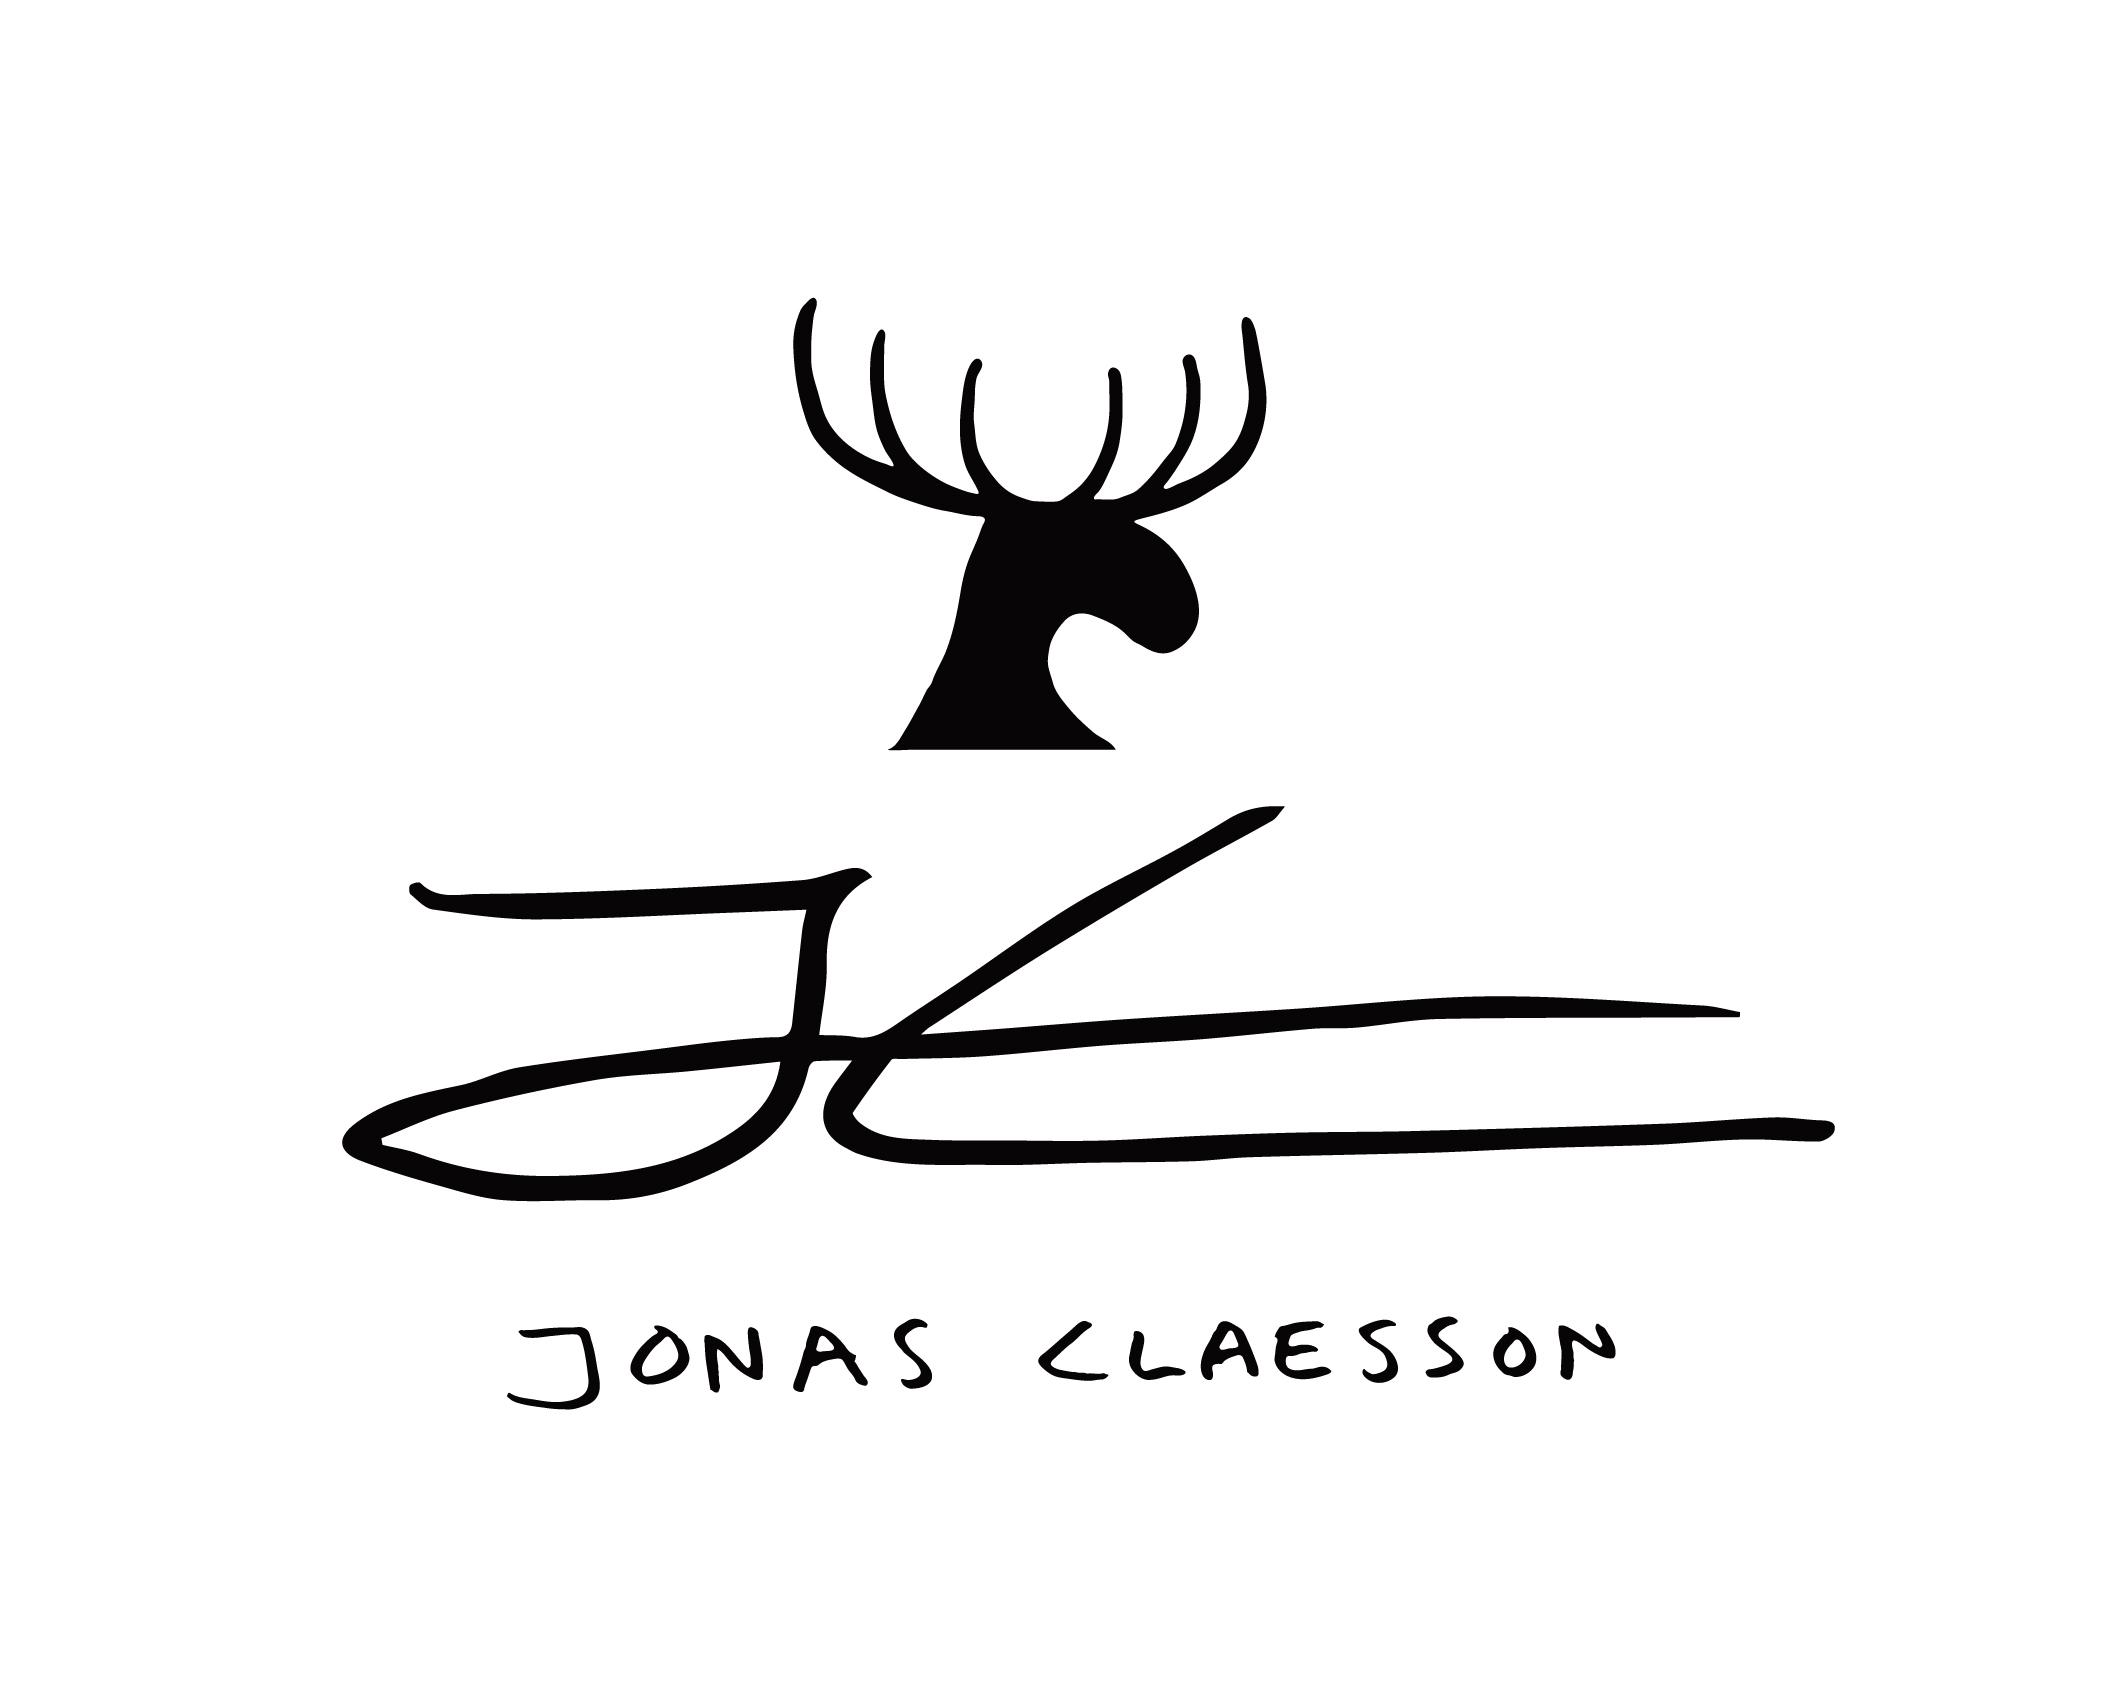 Jonas Claesson